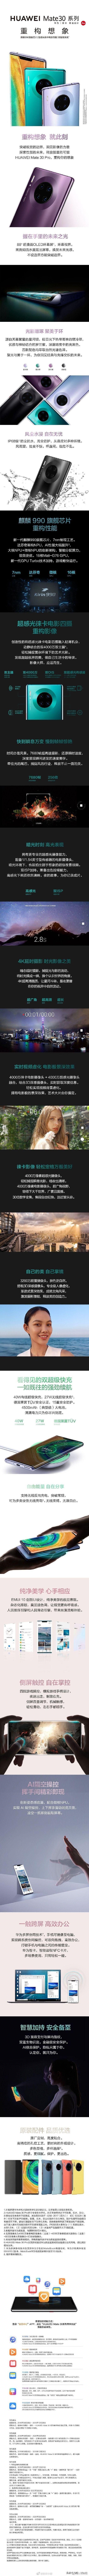 华为Mate 30 Pro完整宣传页曝光-玩懂手机网 - 玩懂手机第一手的手机资讯网(www.wdshouji.com)